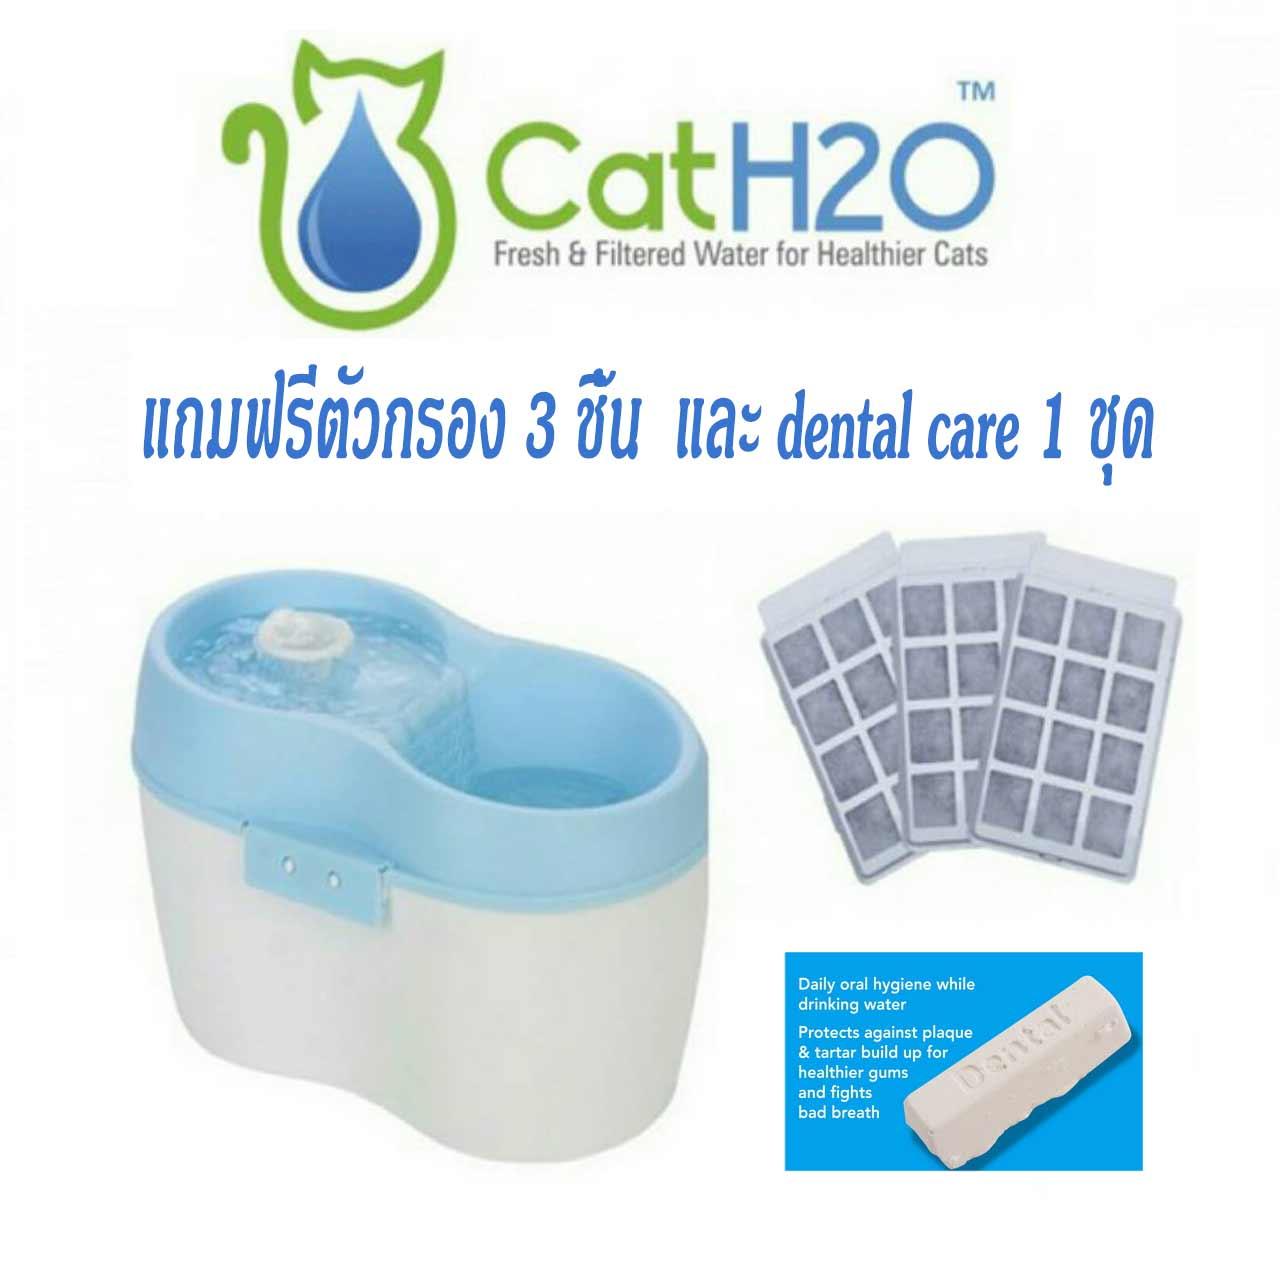 น้ำพุแมว CatH2O แถมฟรีตัวกรอง 3 ชิ้น + Dental care 1 ชุด